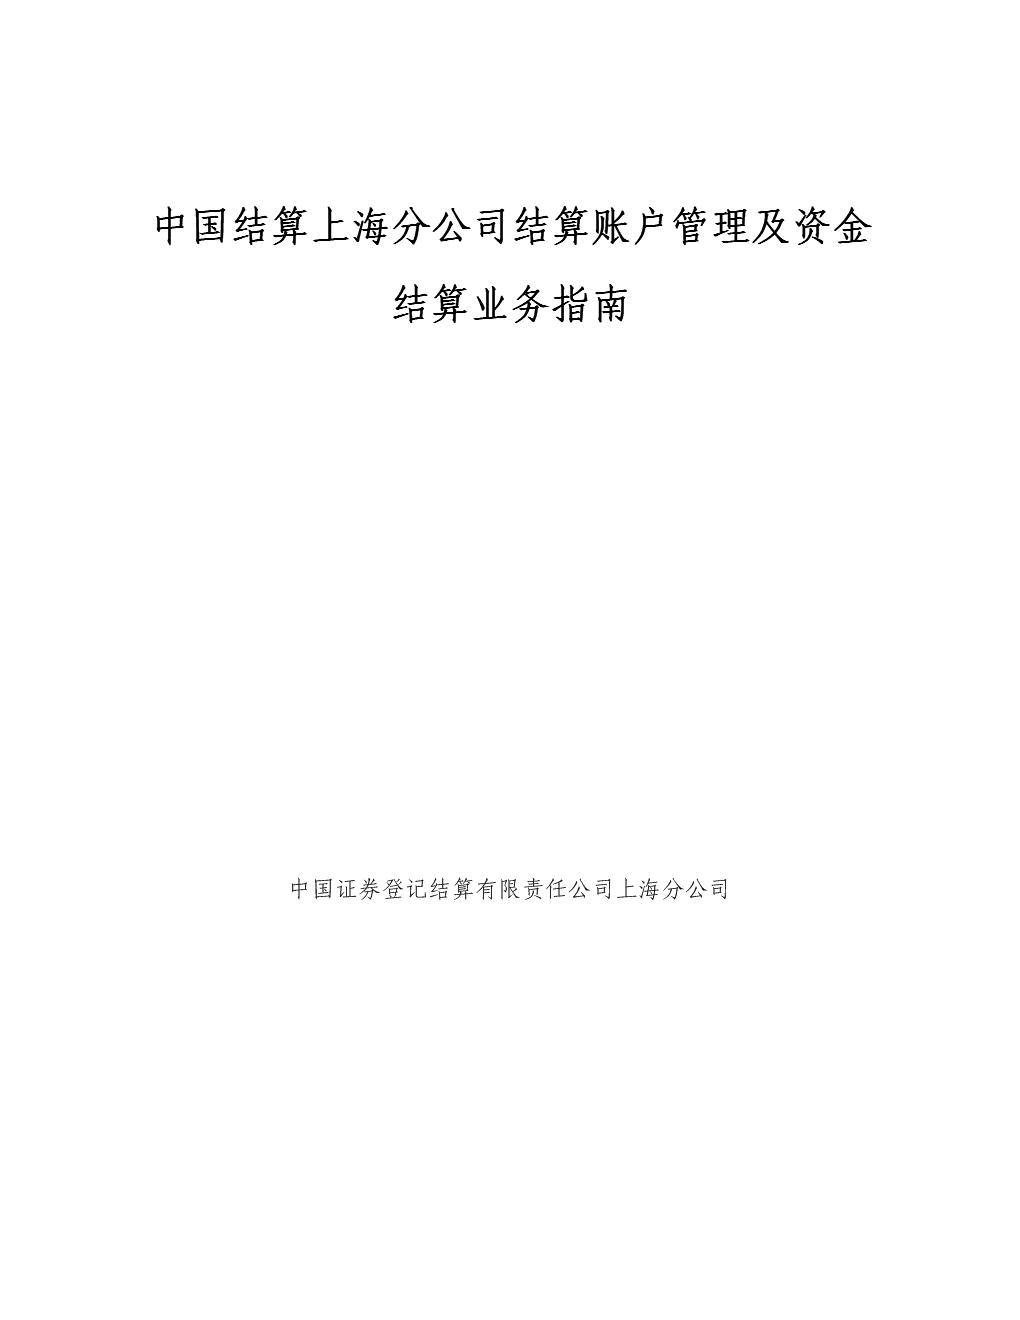 中国结算上海分公司结算账户管理及资金结算业务指南.docx